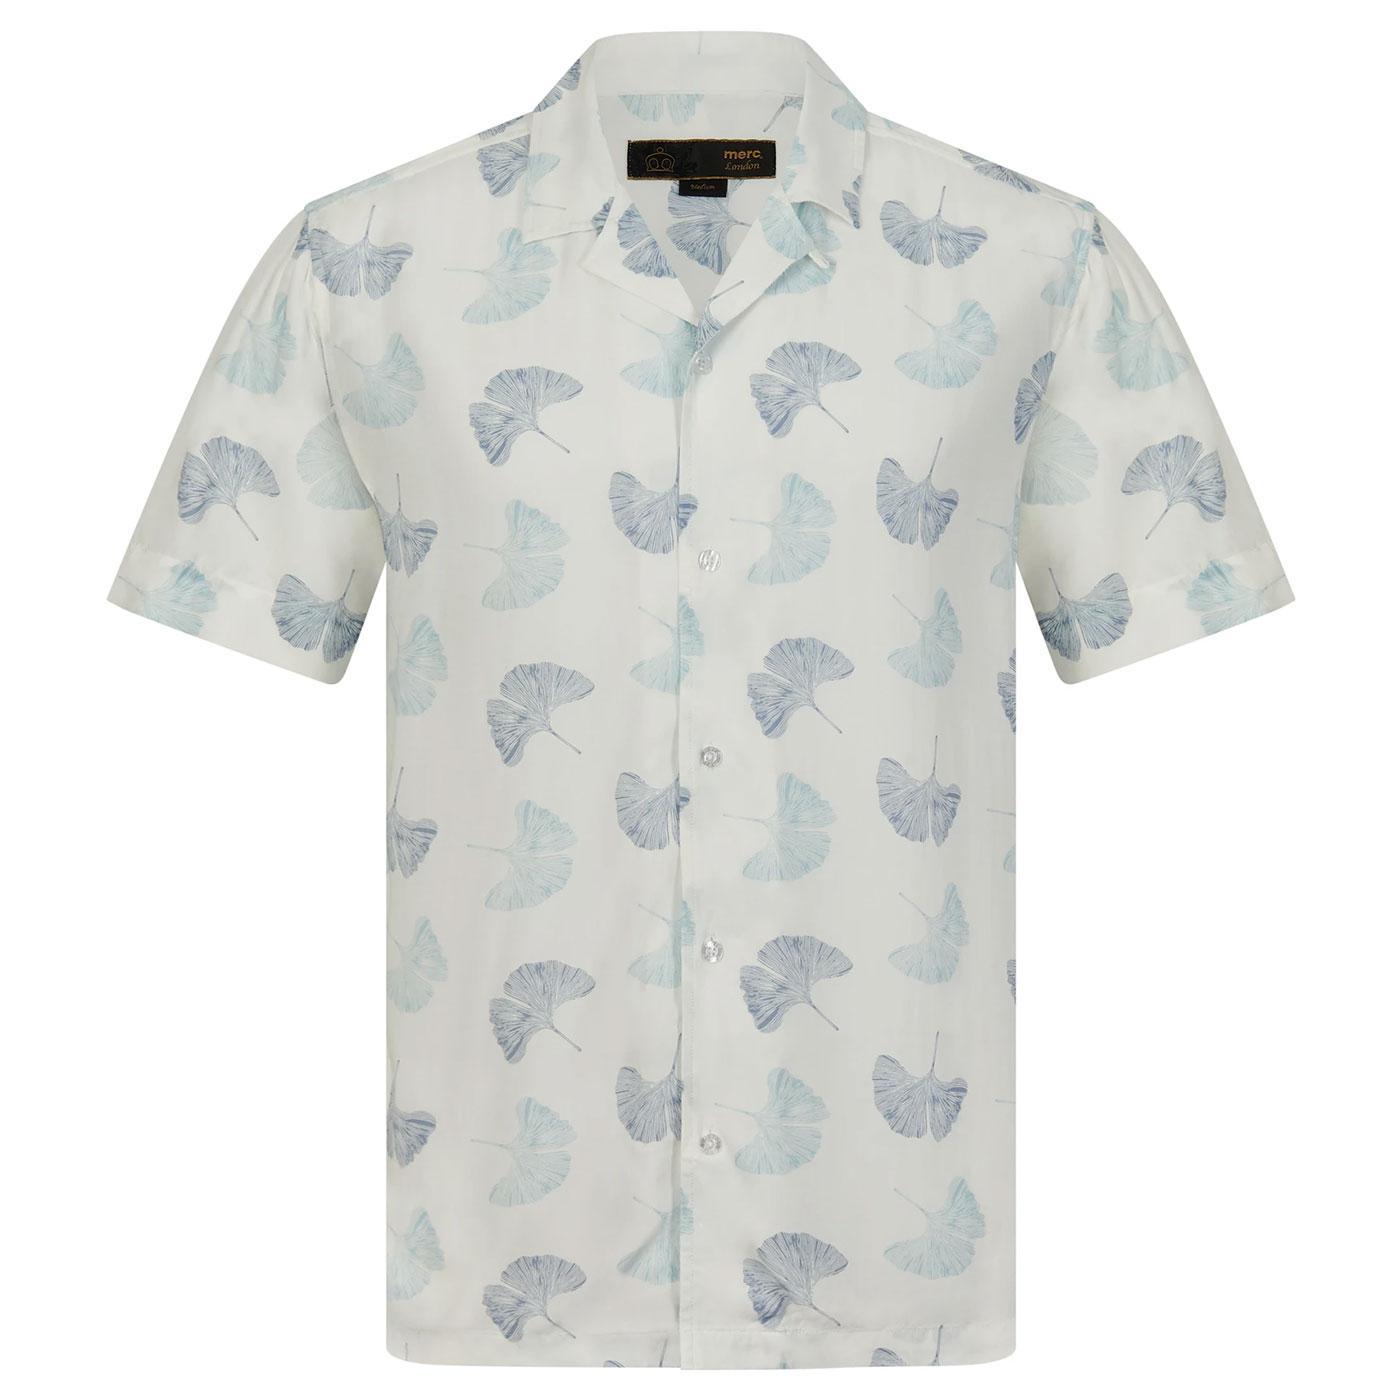 Watkins MERC Retro leaf print cuban Collar Shirt W